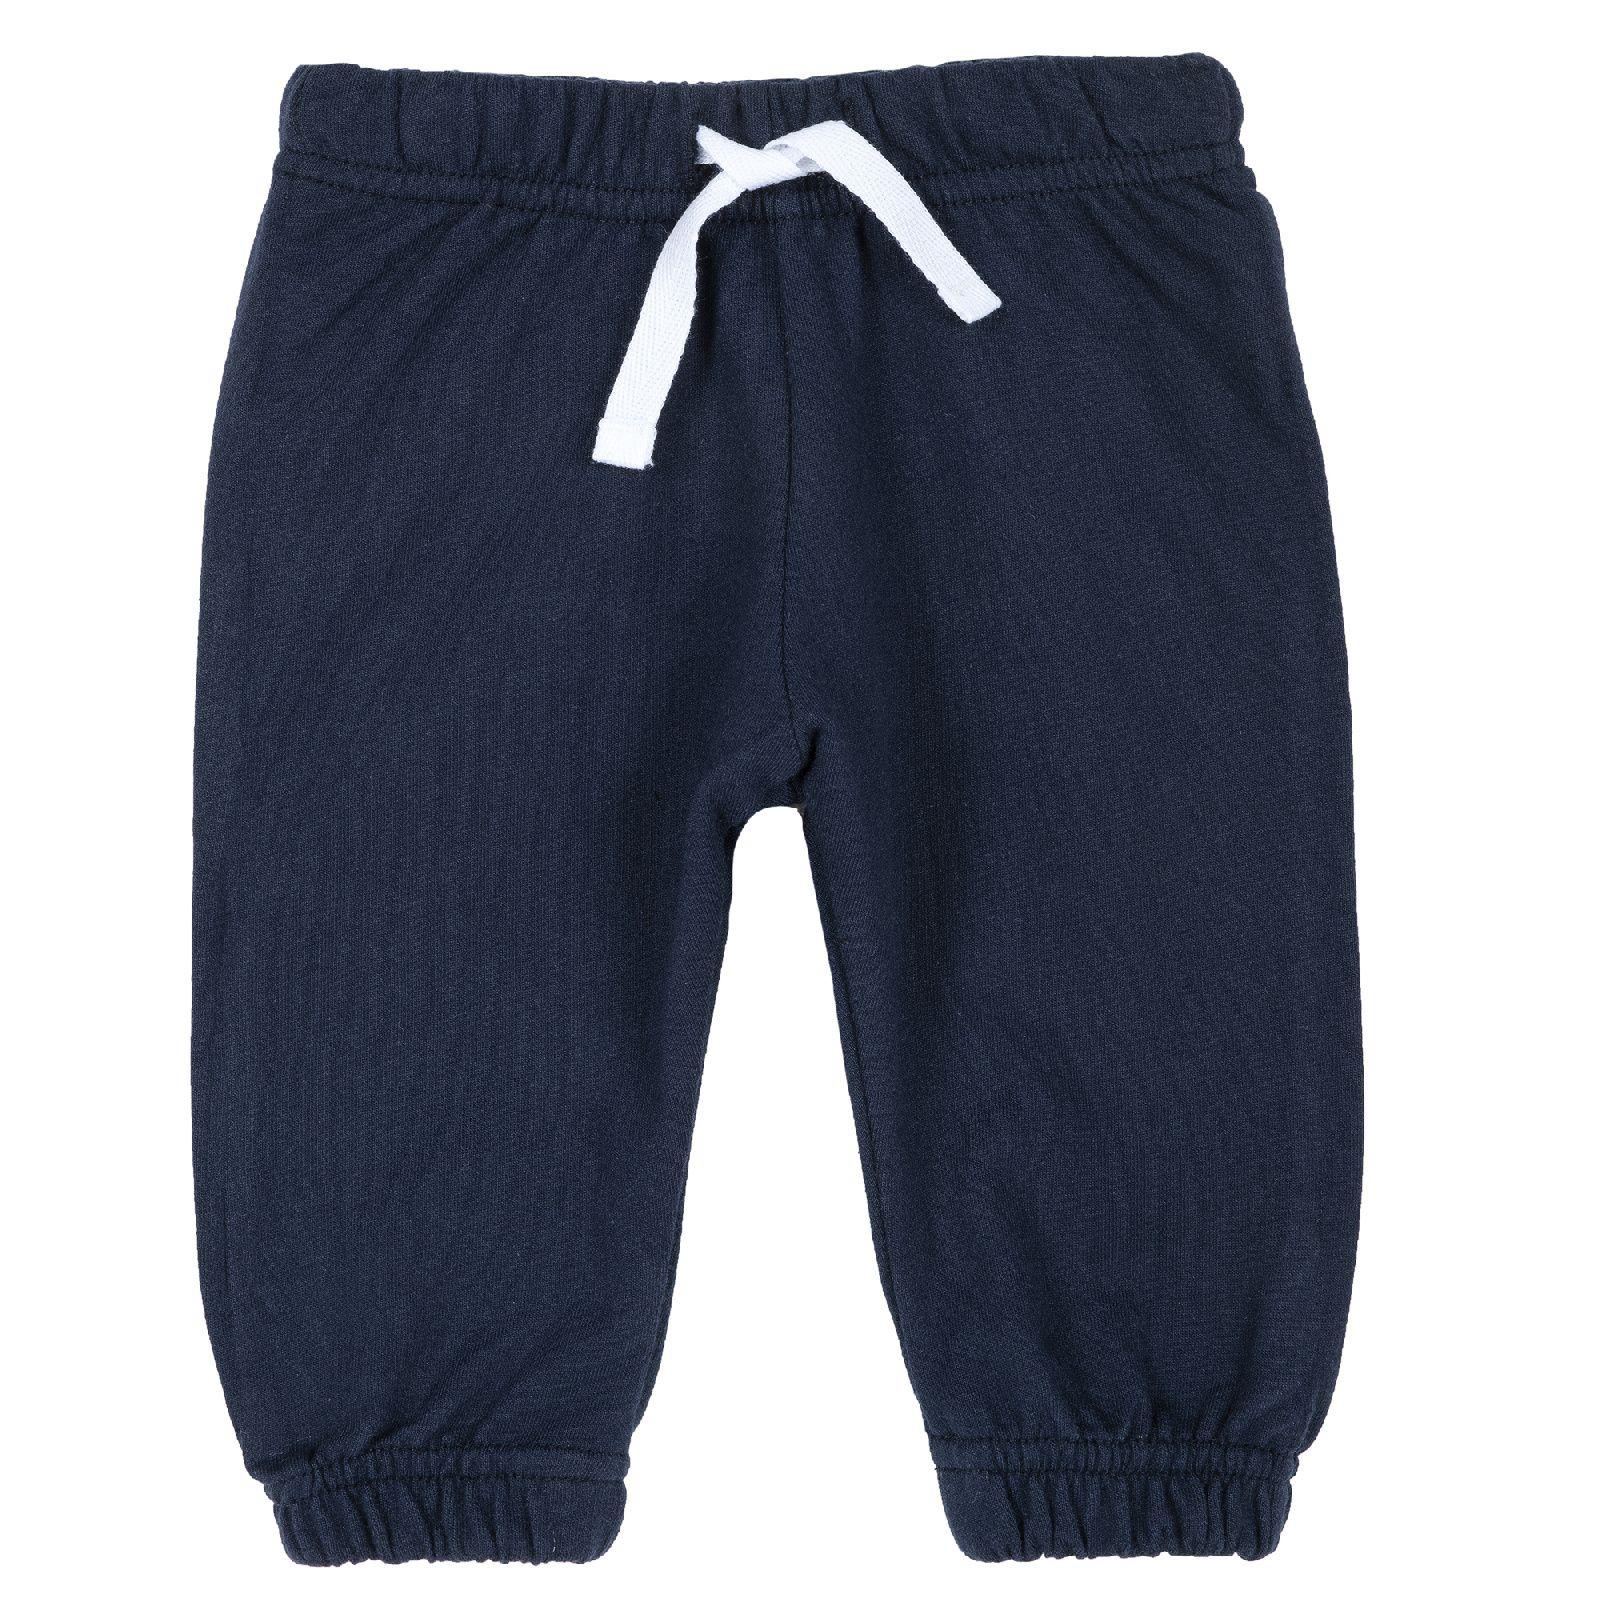 Купить 9008132, Брюки для мальчиков Chicco с белым шнурком, цвет темно-синий, размер 92, Детские брюки и шорты